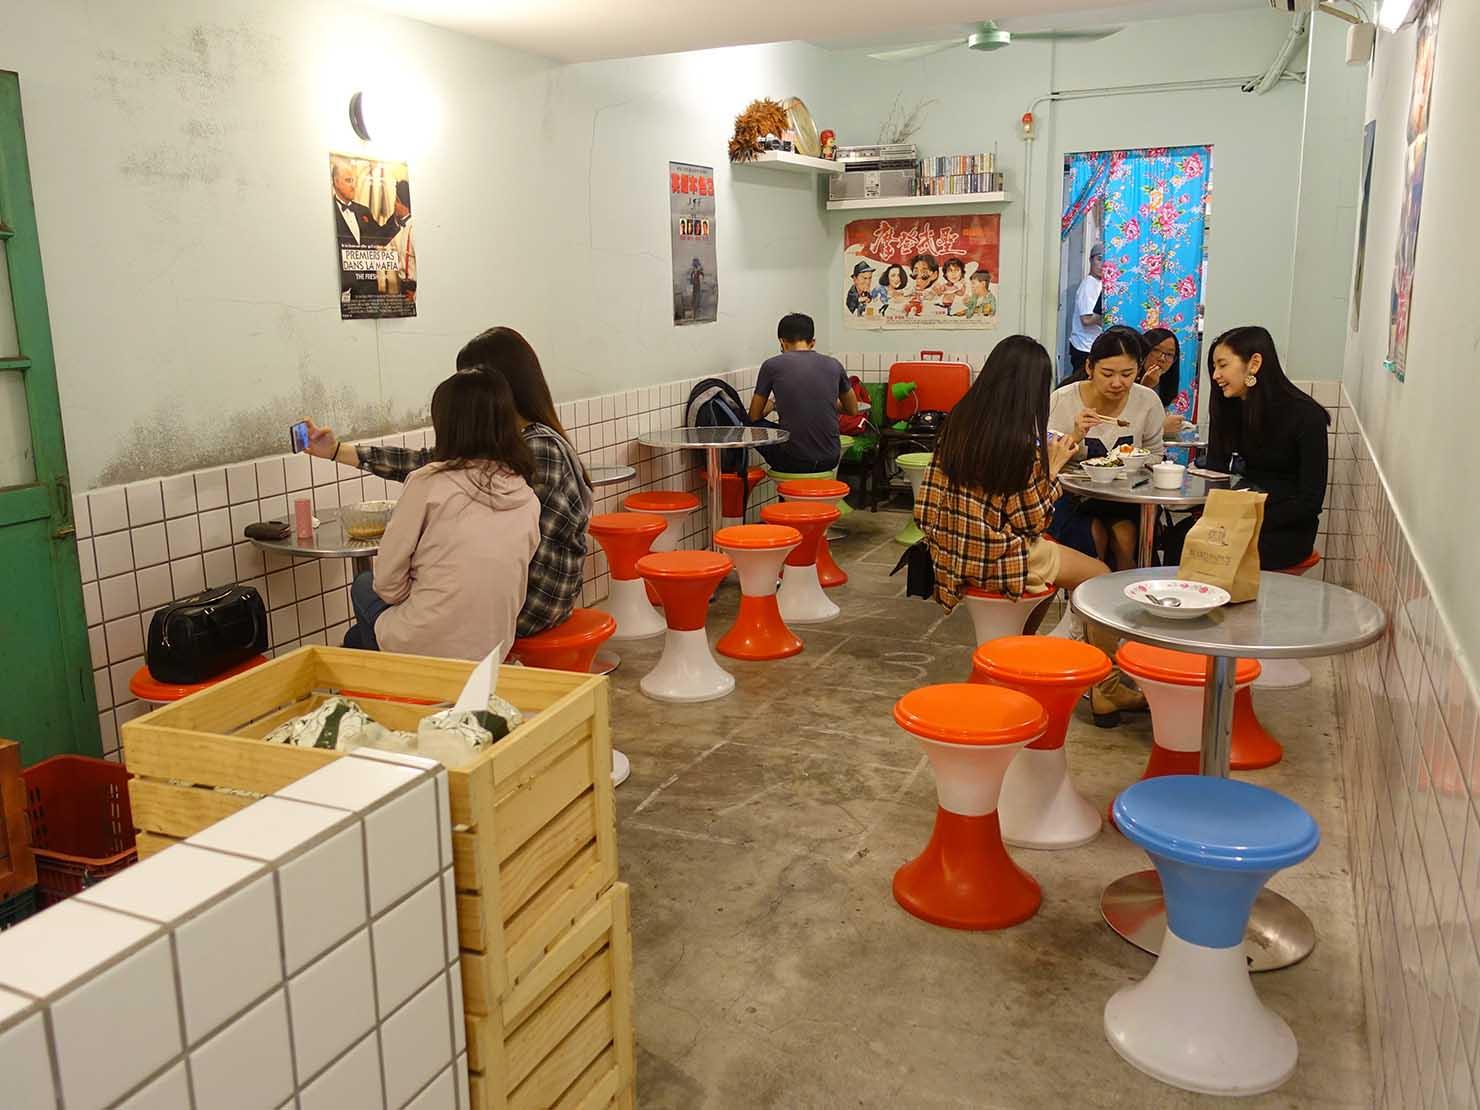 台北・忠孝敦化駅(東區)のおすすめグルメ店「小時候冰菓室」のテーブル席